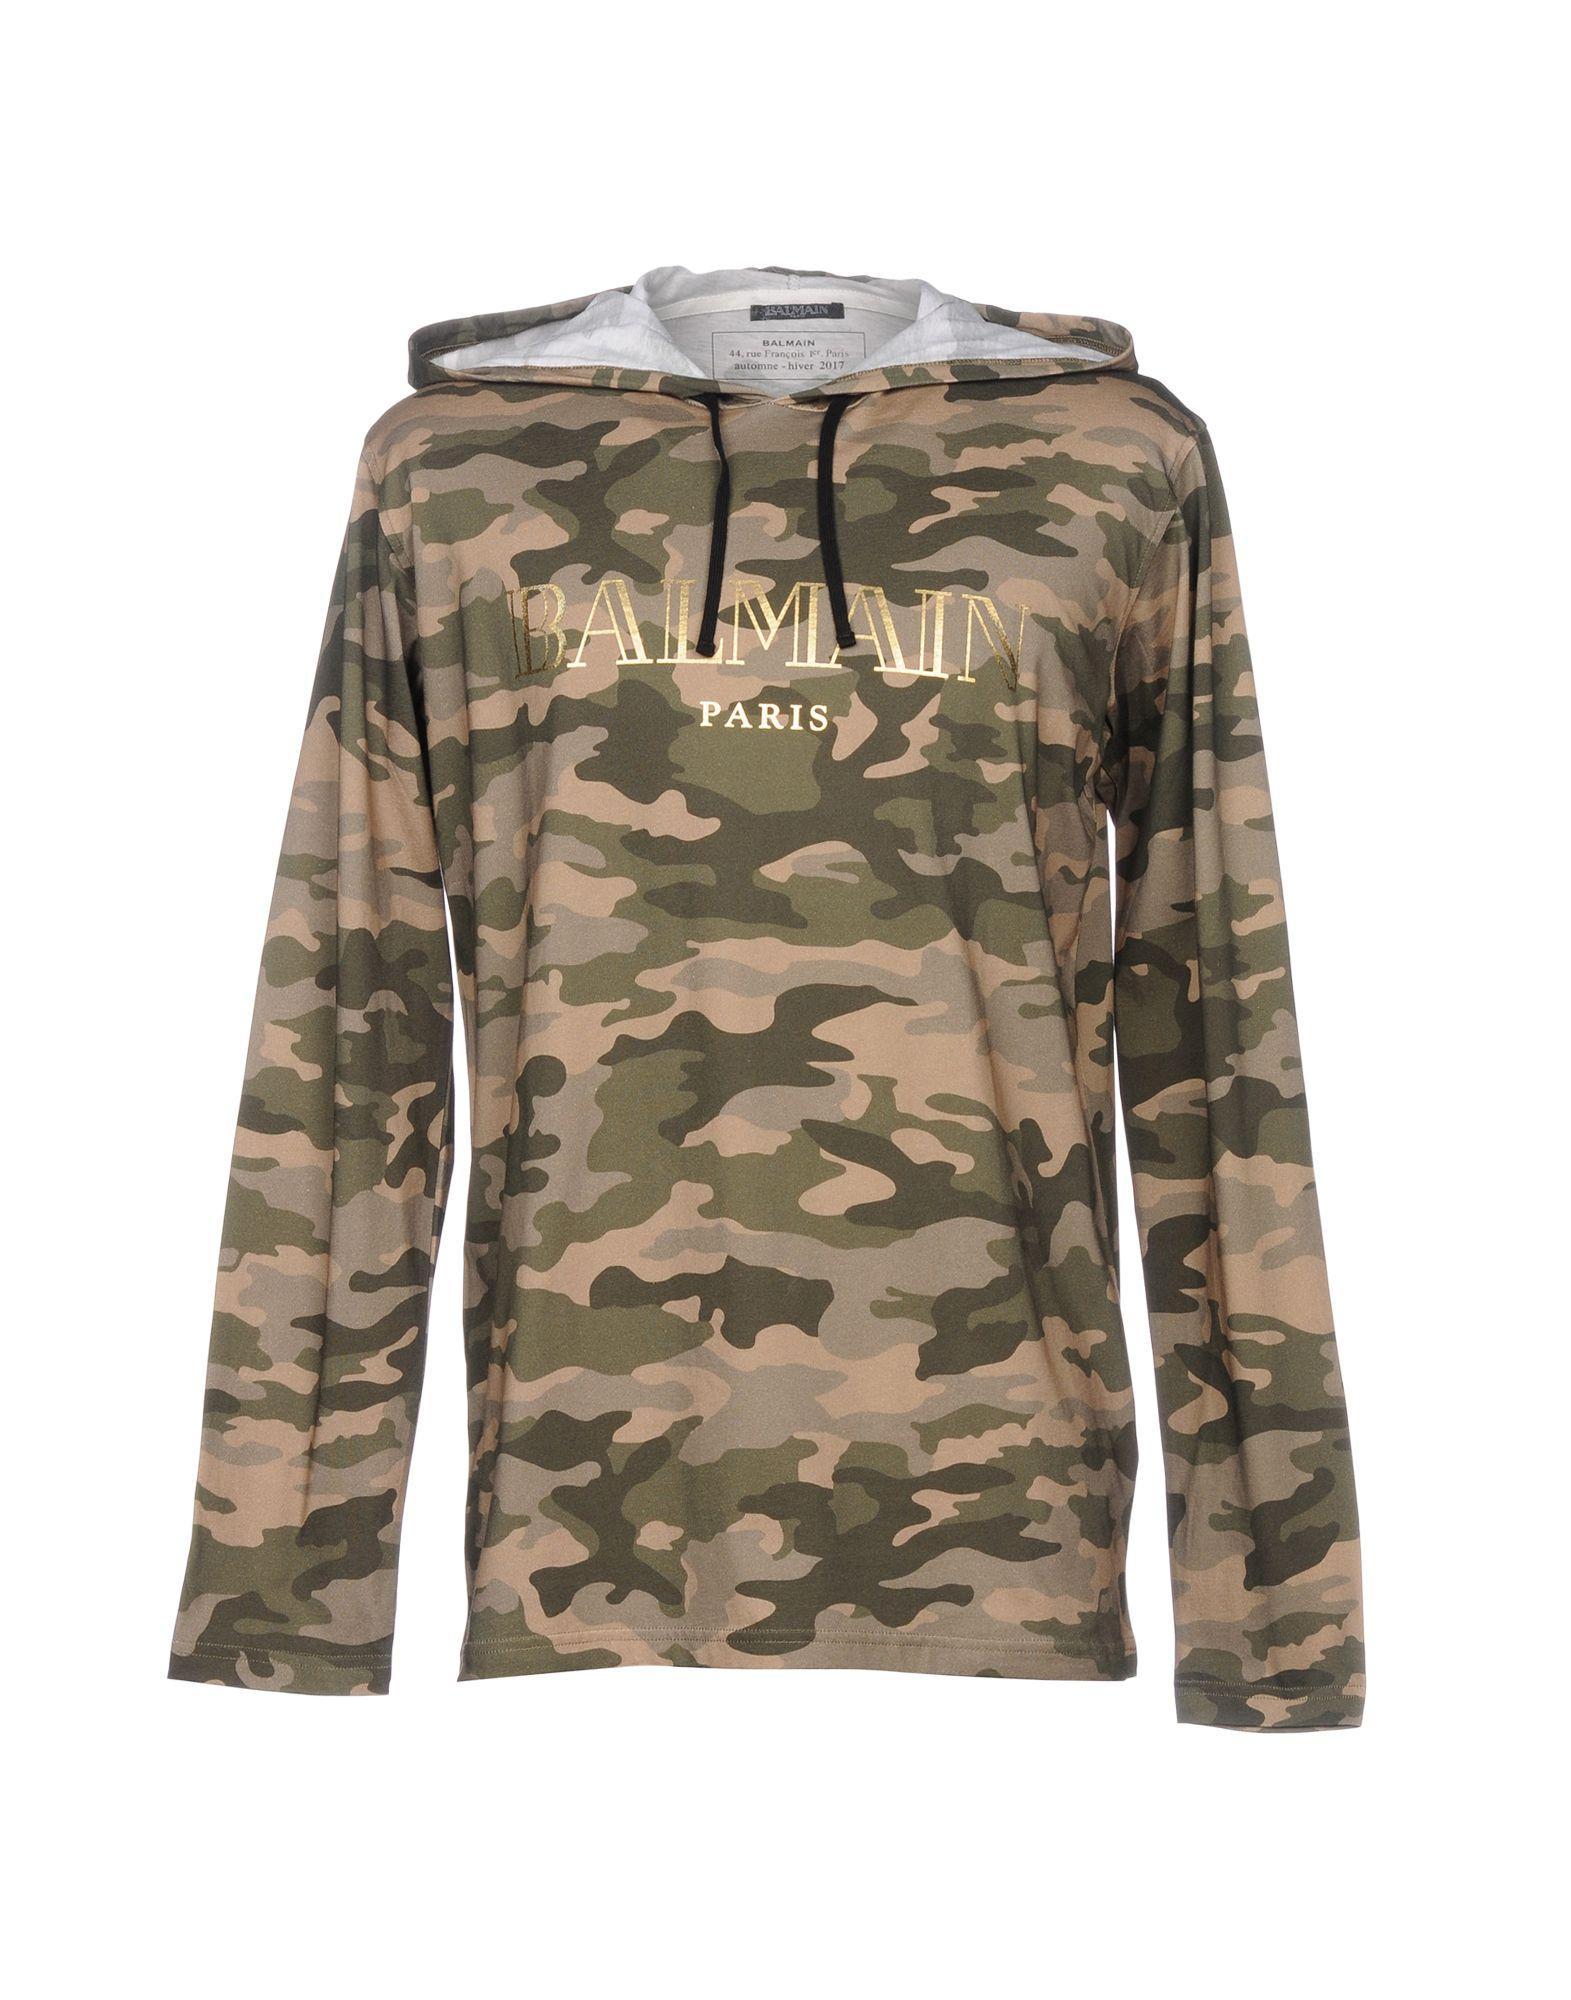 98e0692f Balmain T-Shirt - Men Balmain T-Shirts online on YOOX Romania ...